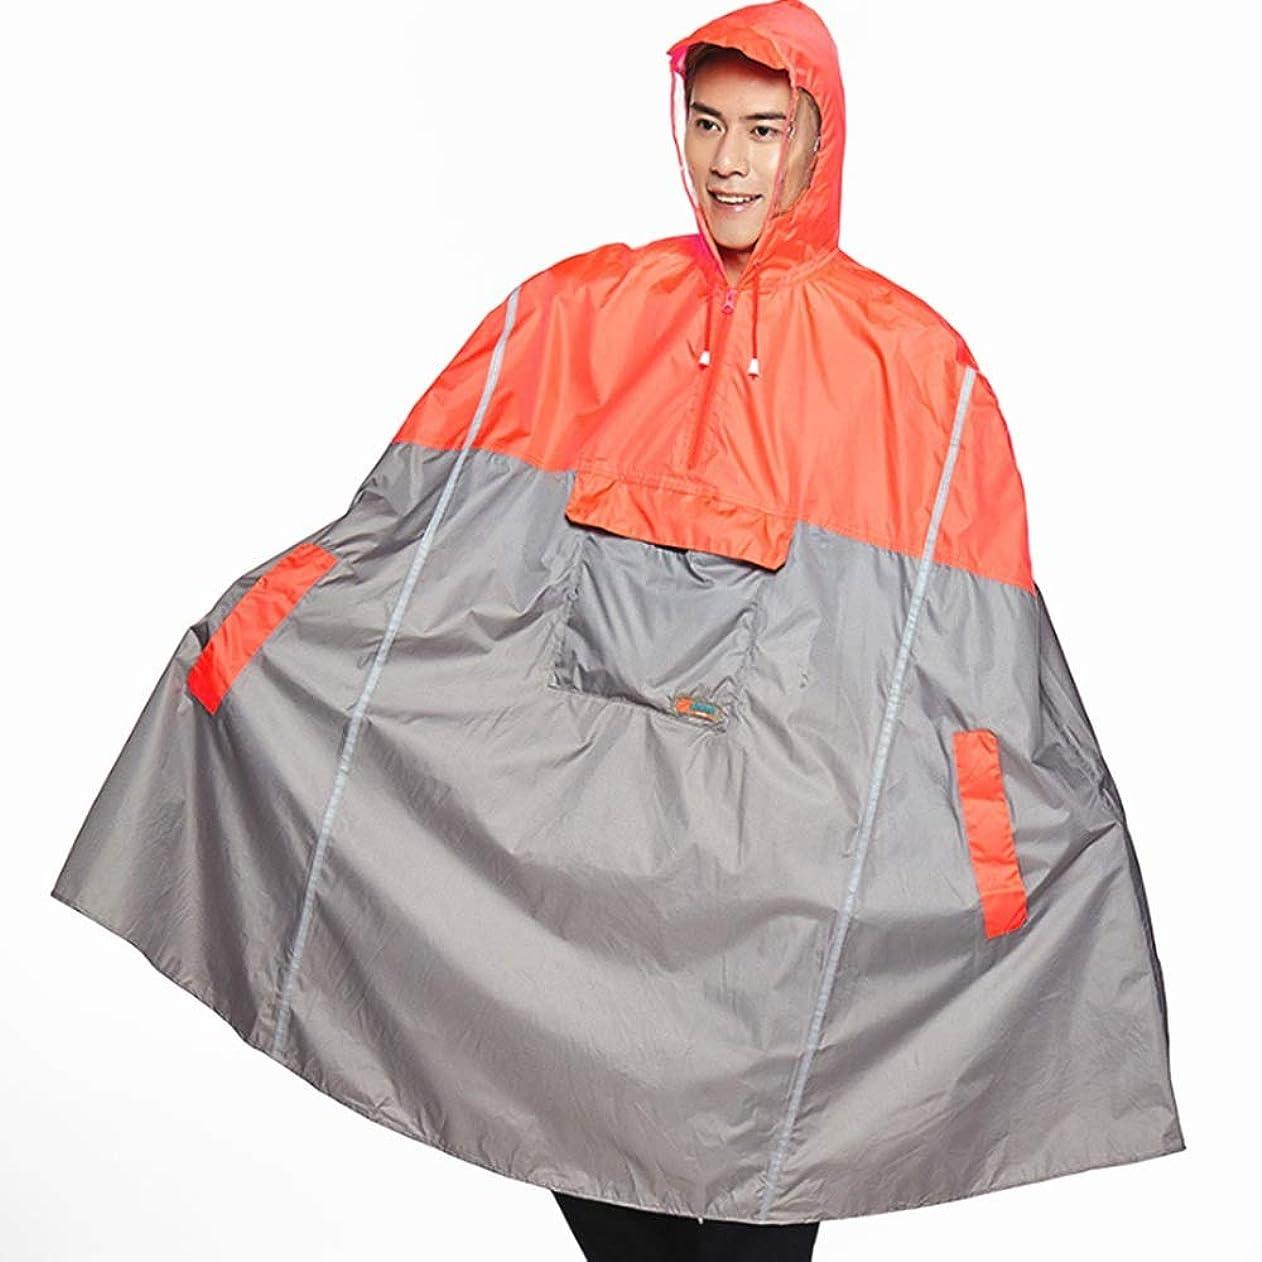 レガシー組み合わせるシャワーサイクリングレインコート 防水レインジャケットとパンツ、レインコートのフード付きポンチョスーツオートバイのレインコートパンツは、女性と男性のために働く野外活動のための保護ギヤを設定します レインコートマント (色 : オレンジ, サイズ : XXXL)